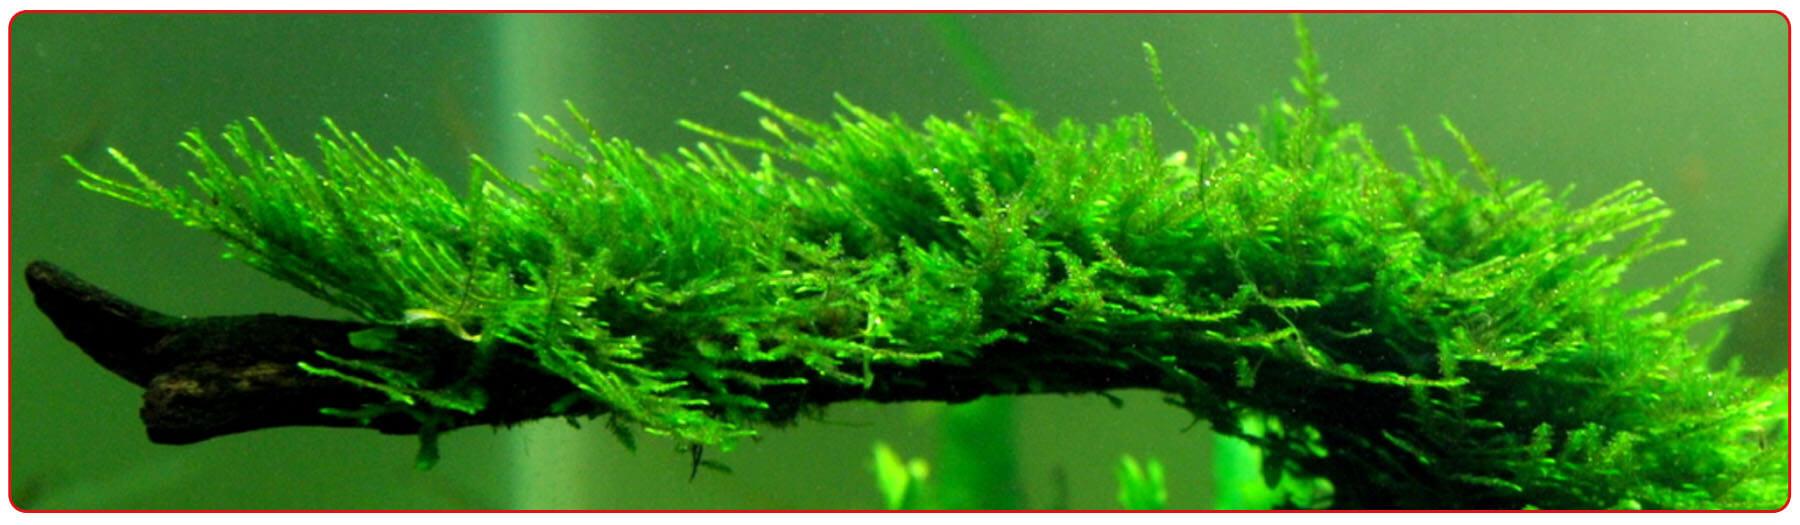 Содержание мха в аквариуме